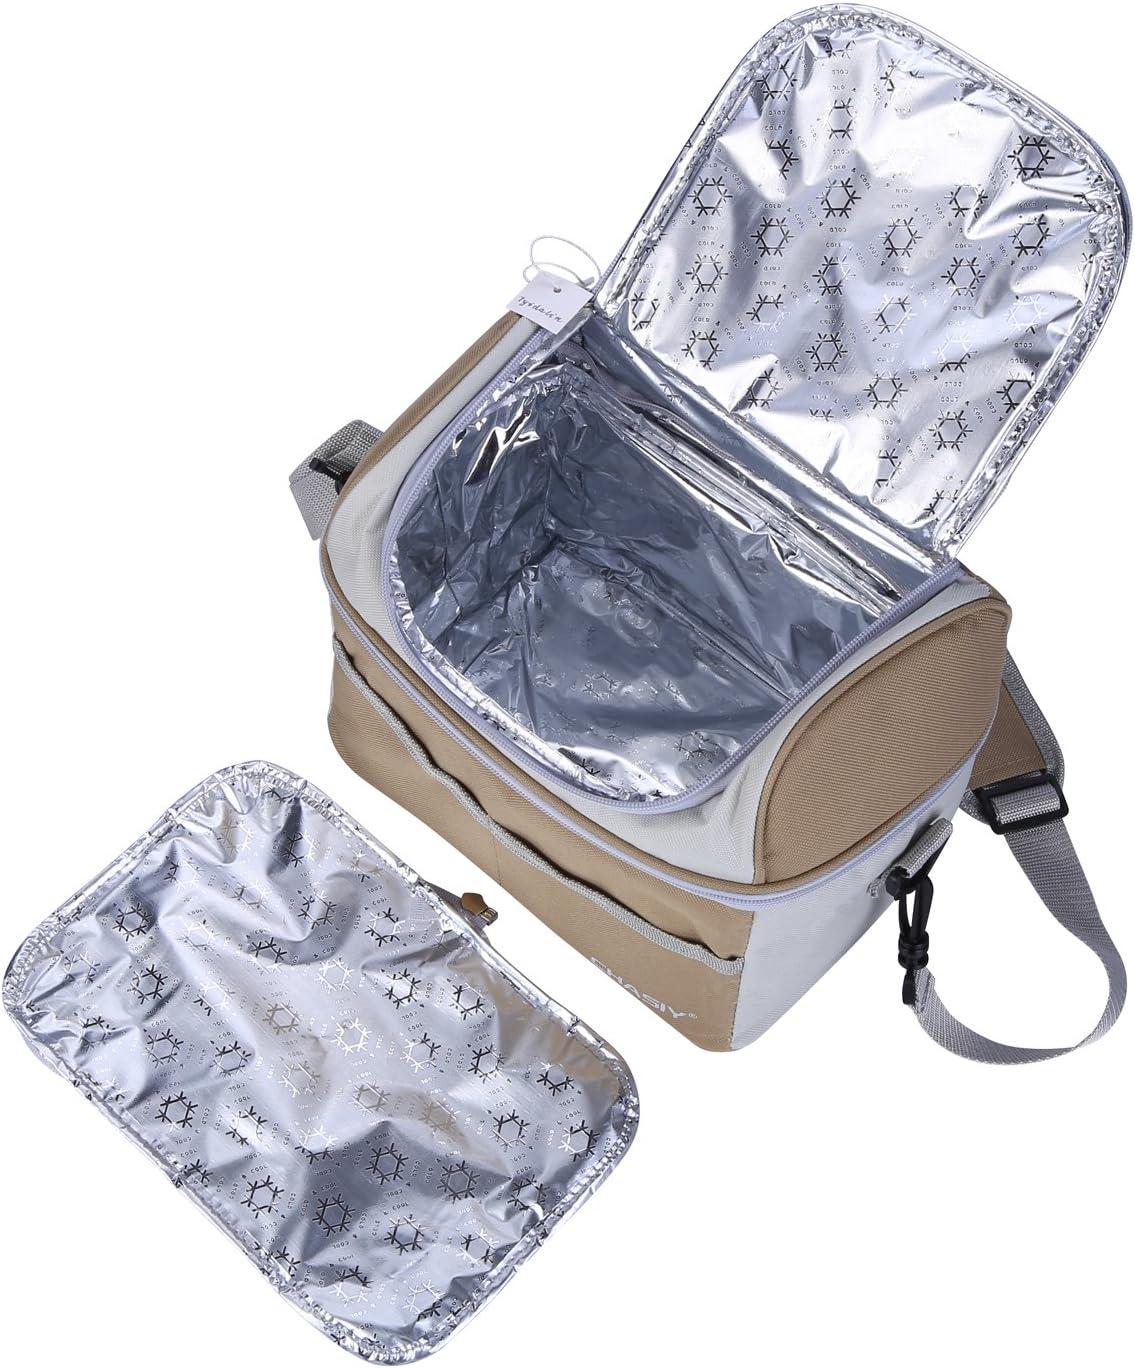 tyidalin 18L grand avec isolant du sac /à dos Frigo pour famille de voyage Barbecue Camping Pique-nique D/éjeuner noir